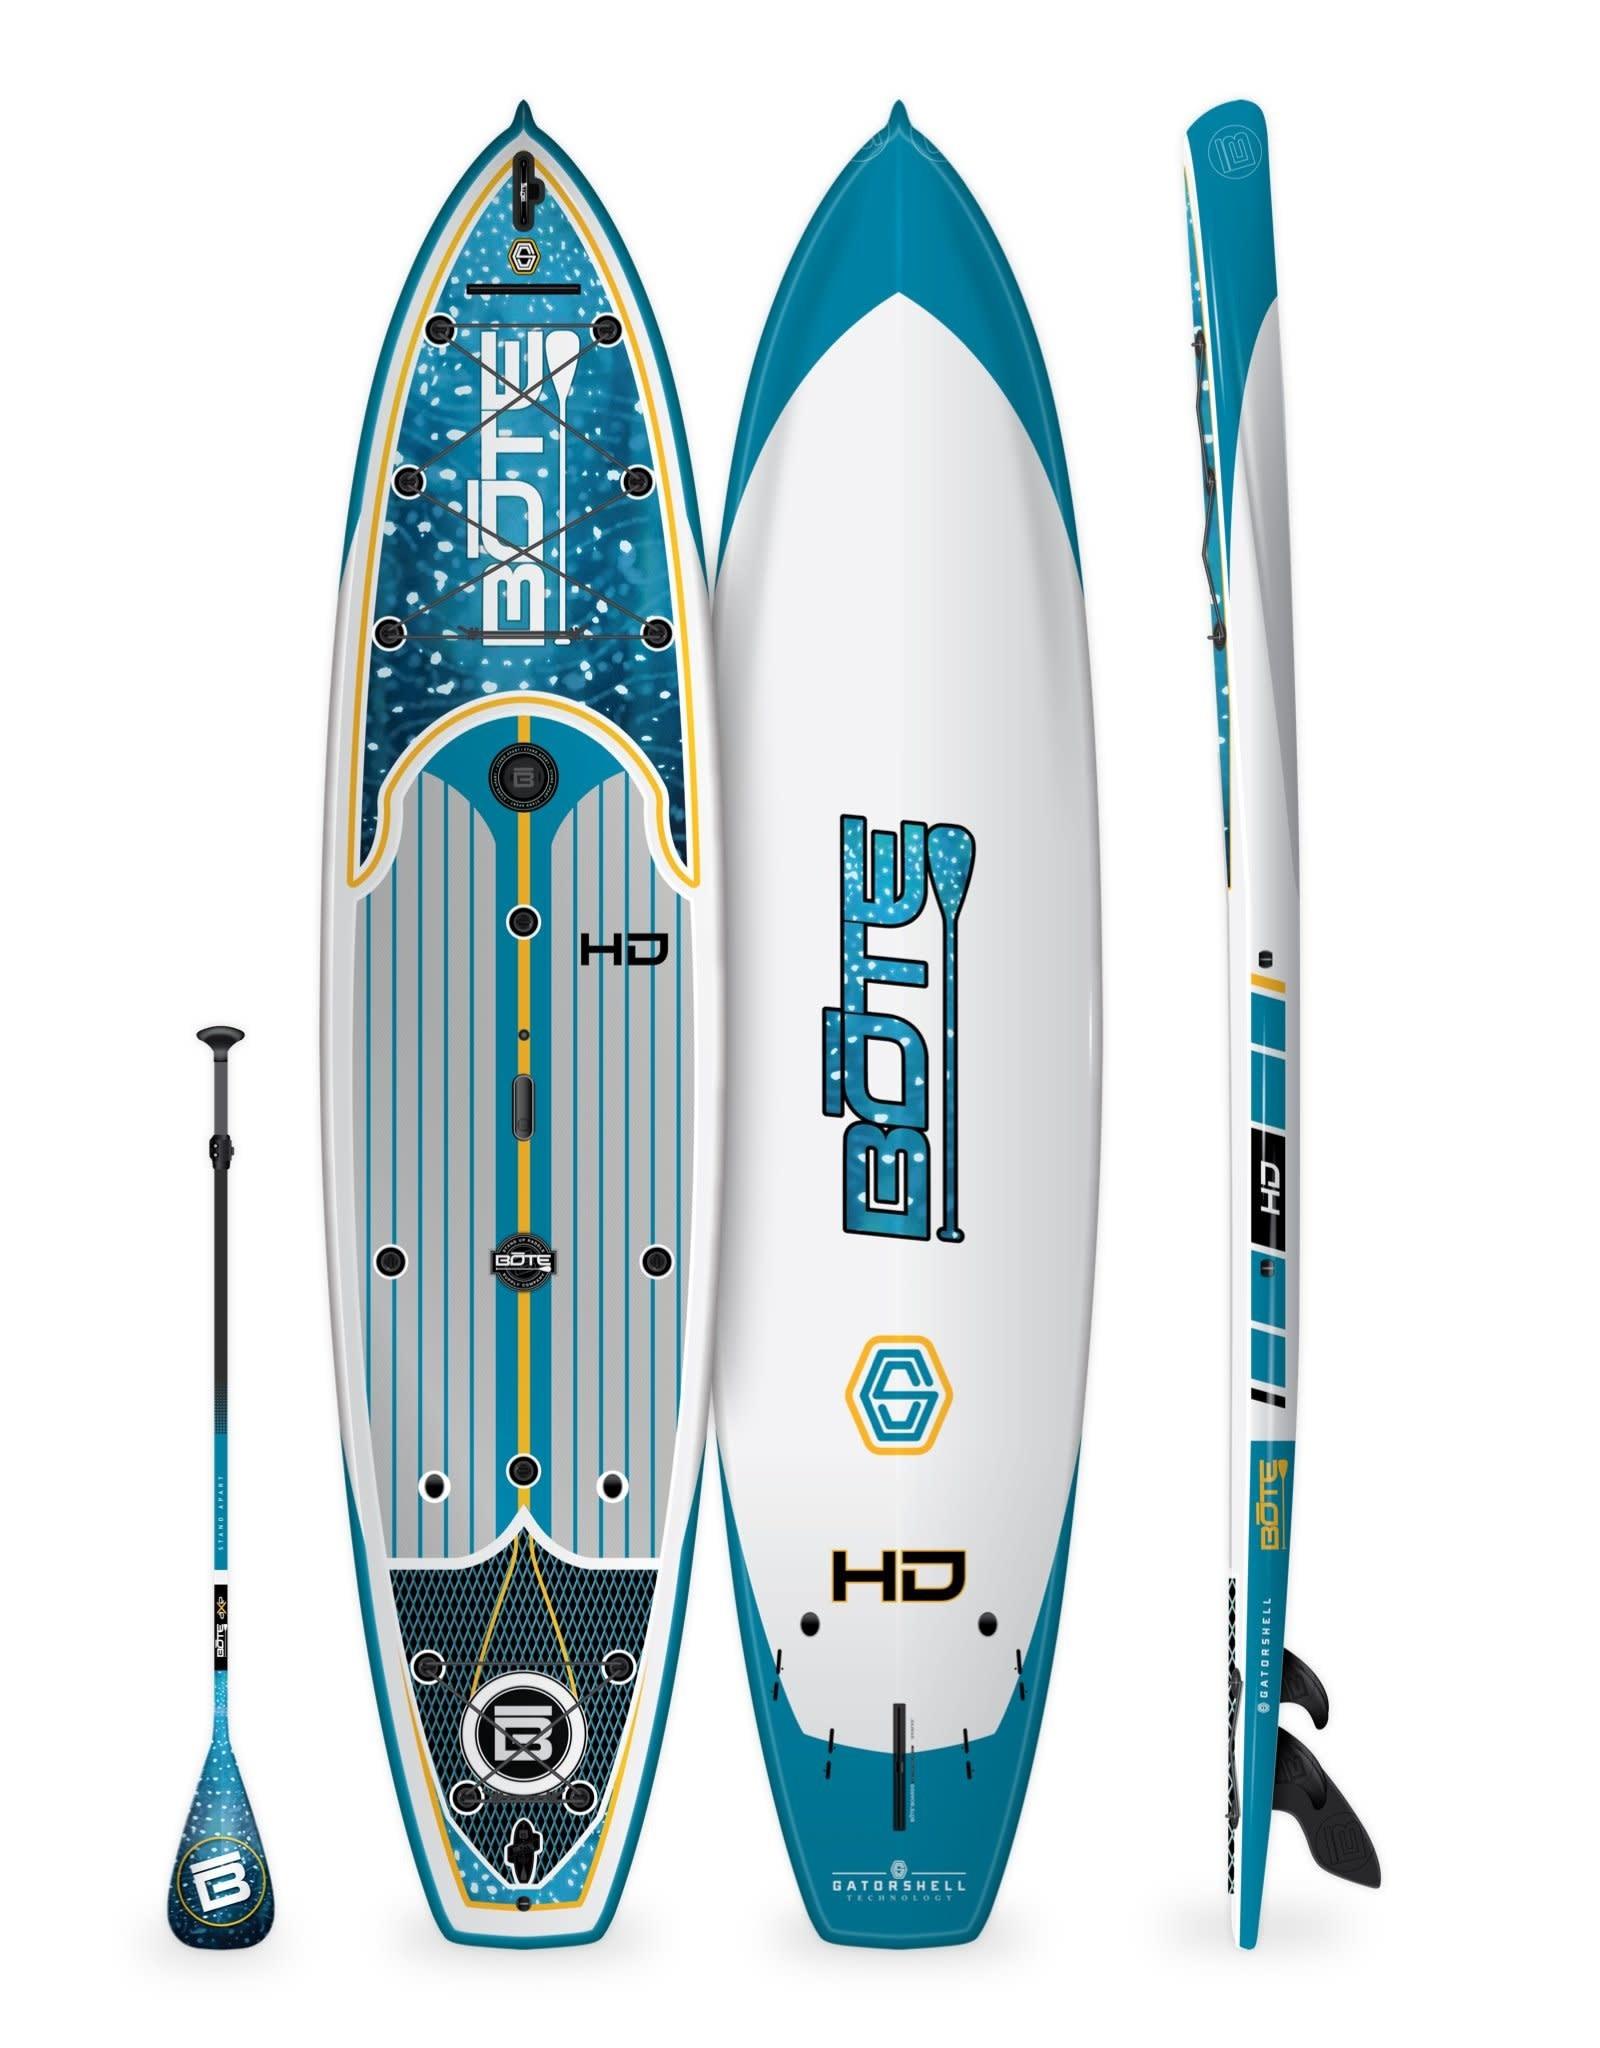 Bote 2021 BOTE 12'  HD NATIVE WHALE SHARK